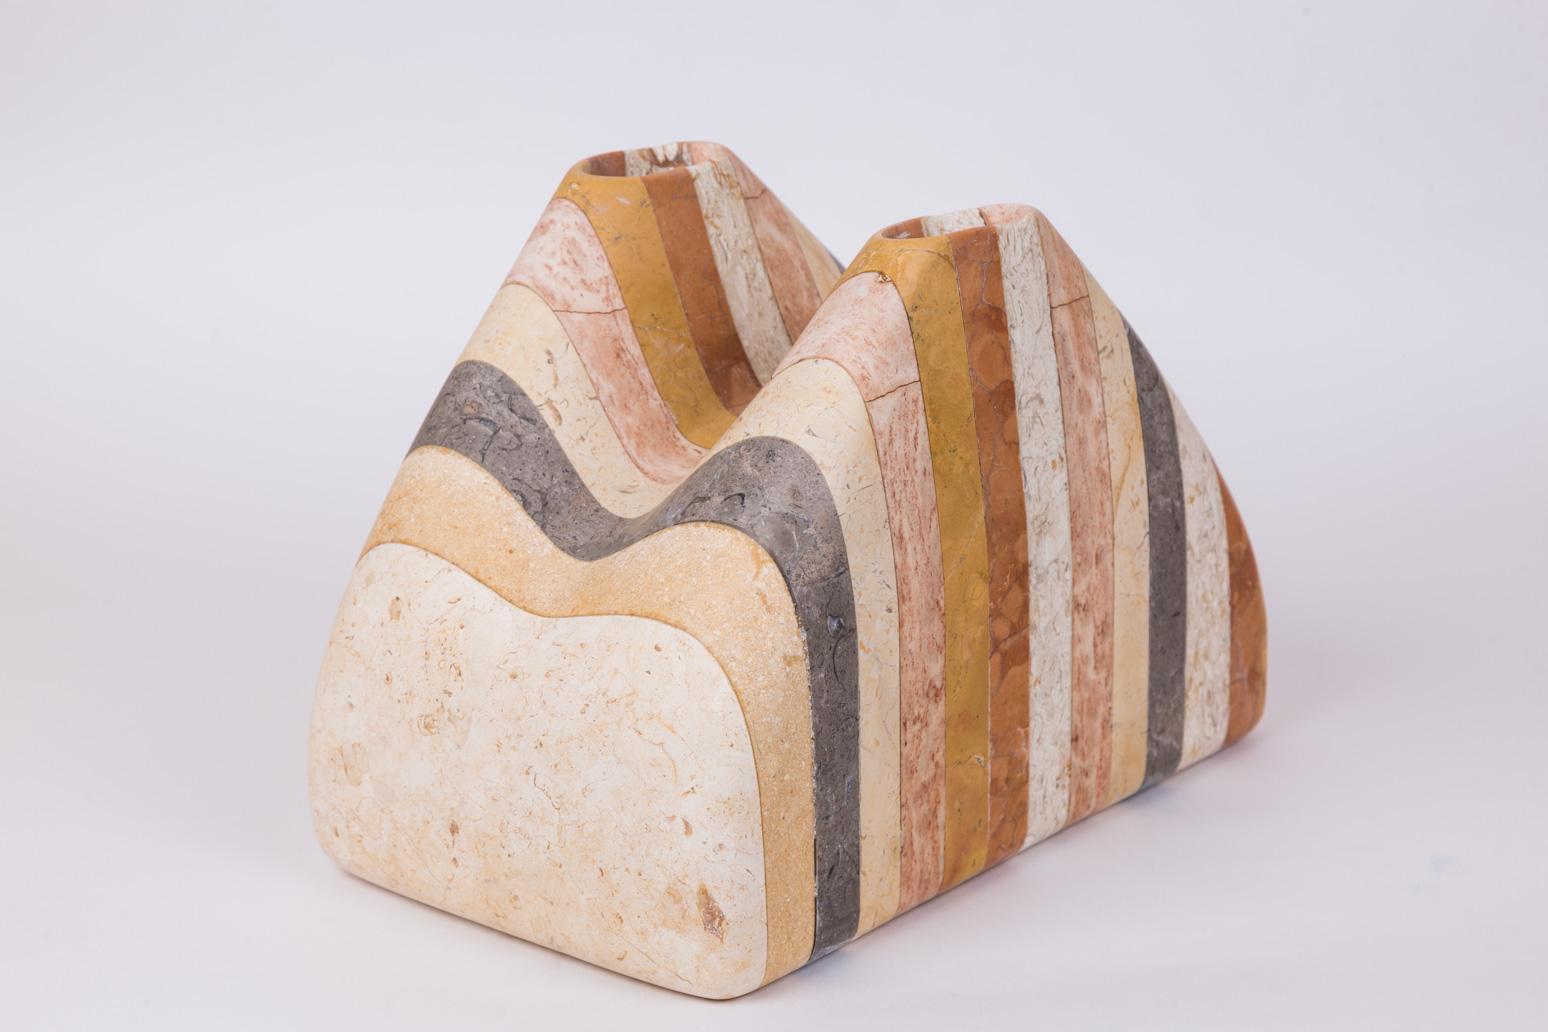 vase_seven in origin / eclectic block